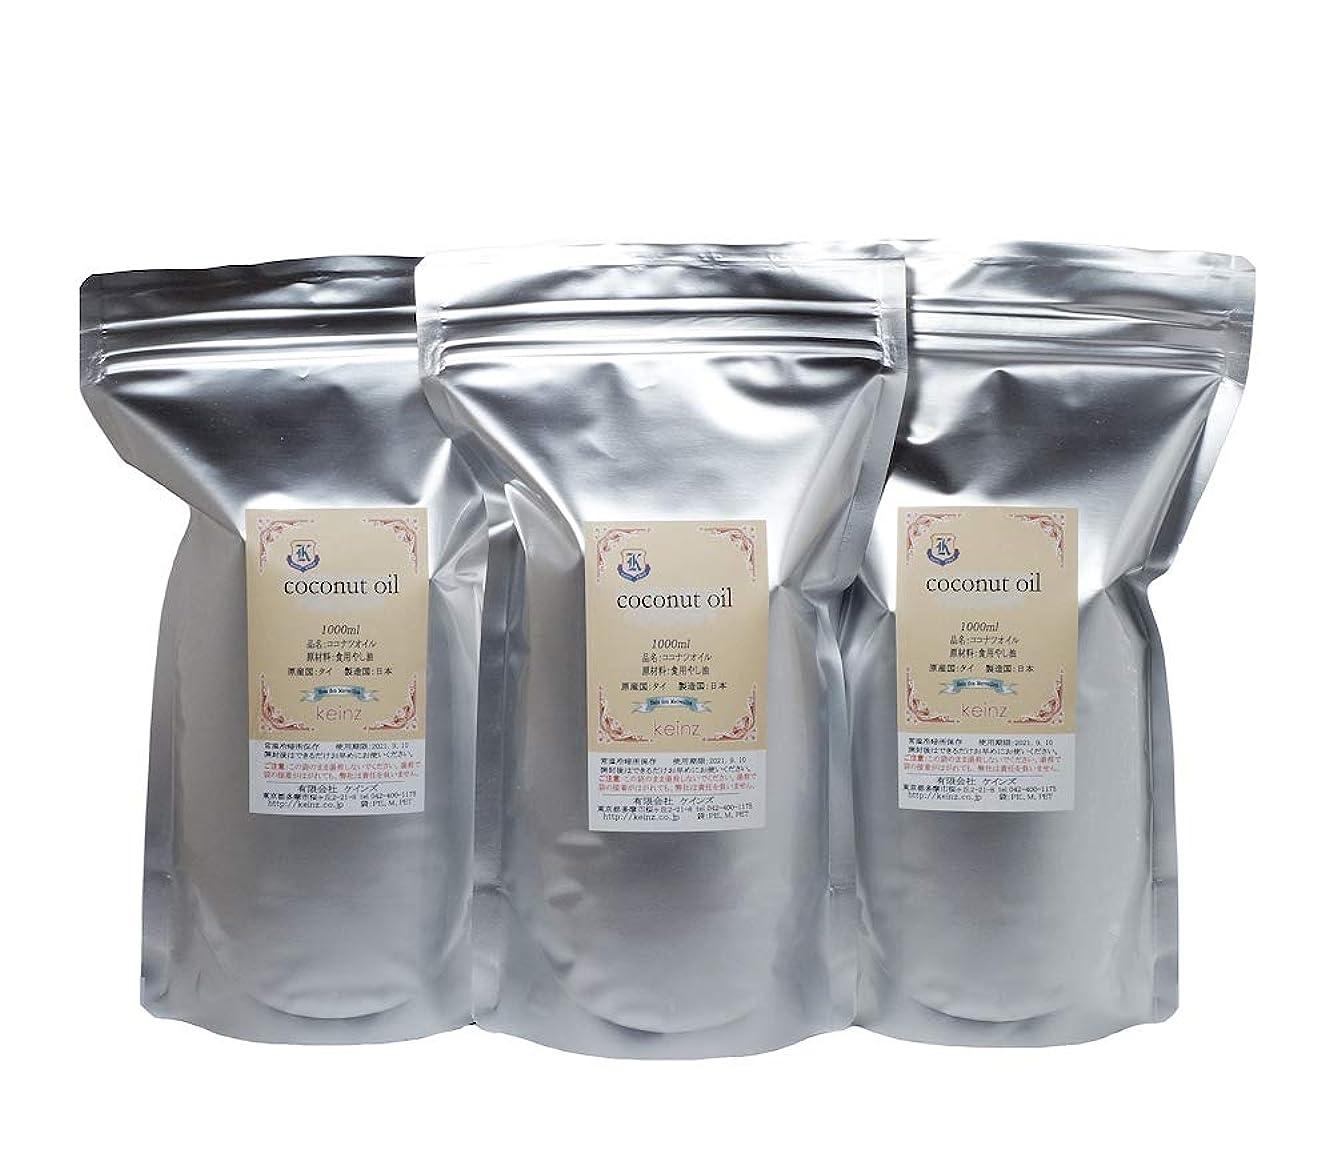 アカデミー正確な生物学手作り石けん用 良質で新鮮 ココナツオイル(ヤシ油) 1L ?3個セット 鹸化価:258 原産国:フィリピン 日本製 固まっている時は袋をナイフでカットして固形オイルを簡単に取り出せます。 液体の時は袋のチャックの上をハサミでカットしてOK. 袋は燃えるゴミで捨てることが出来ます。